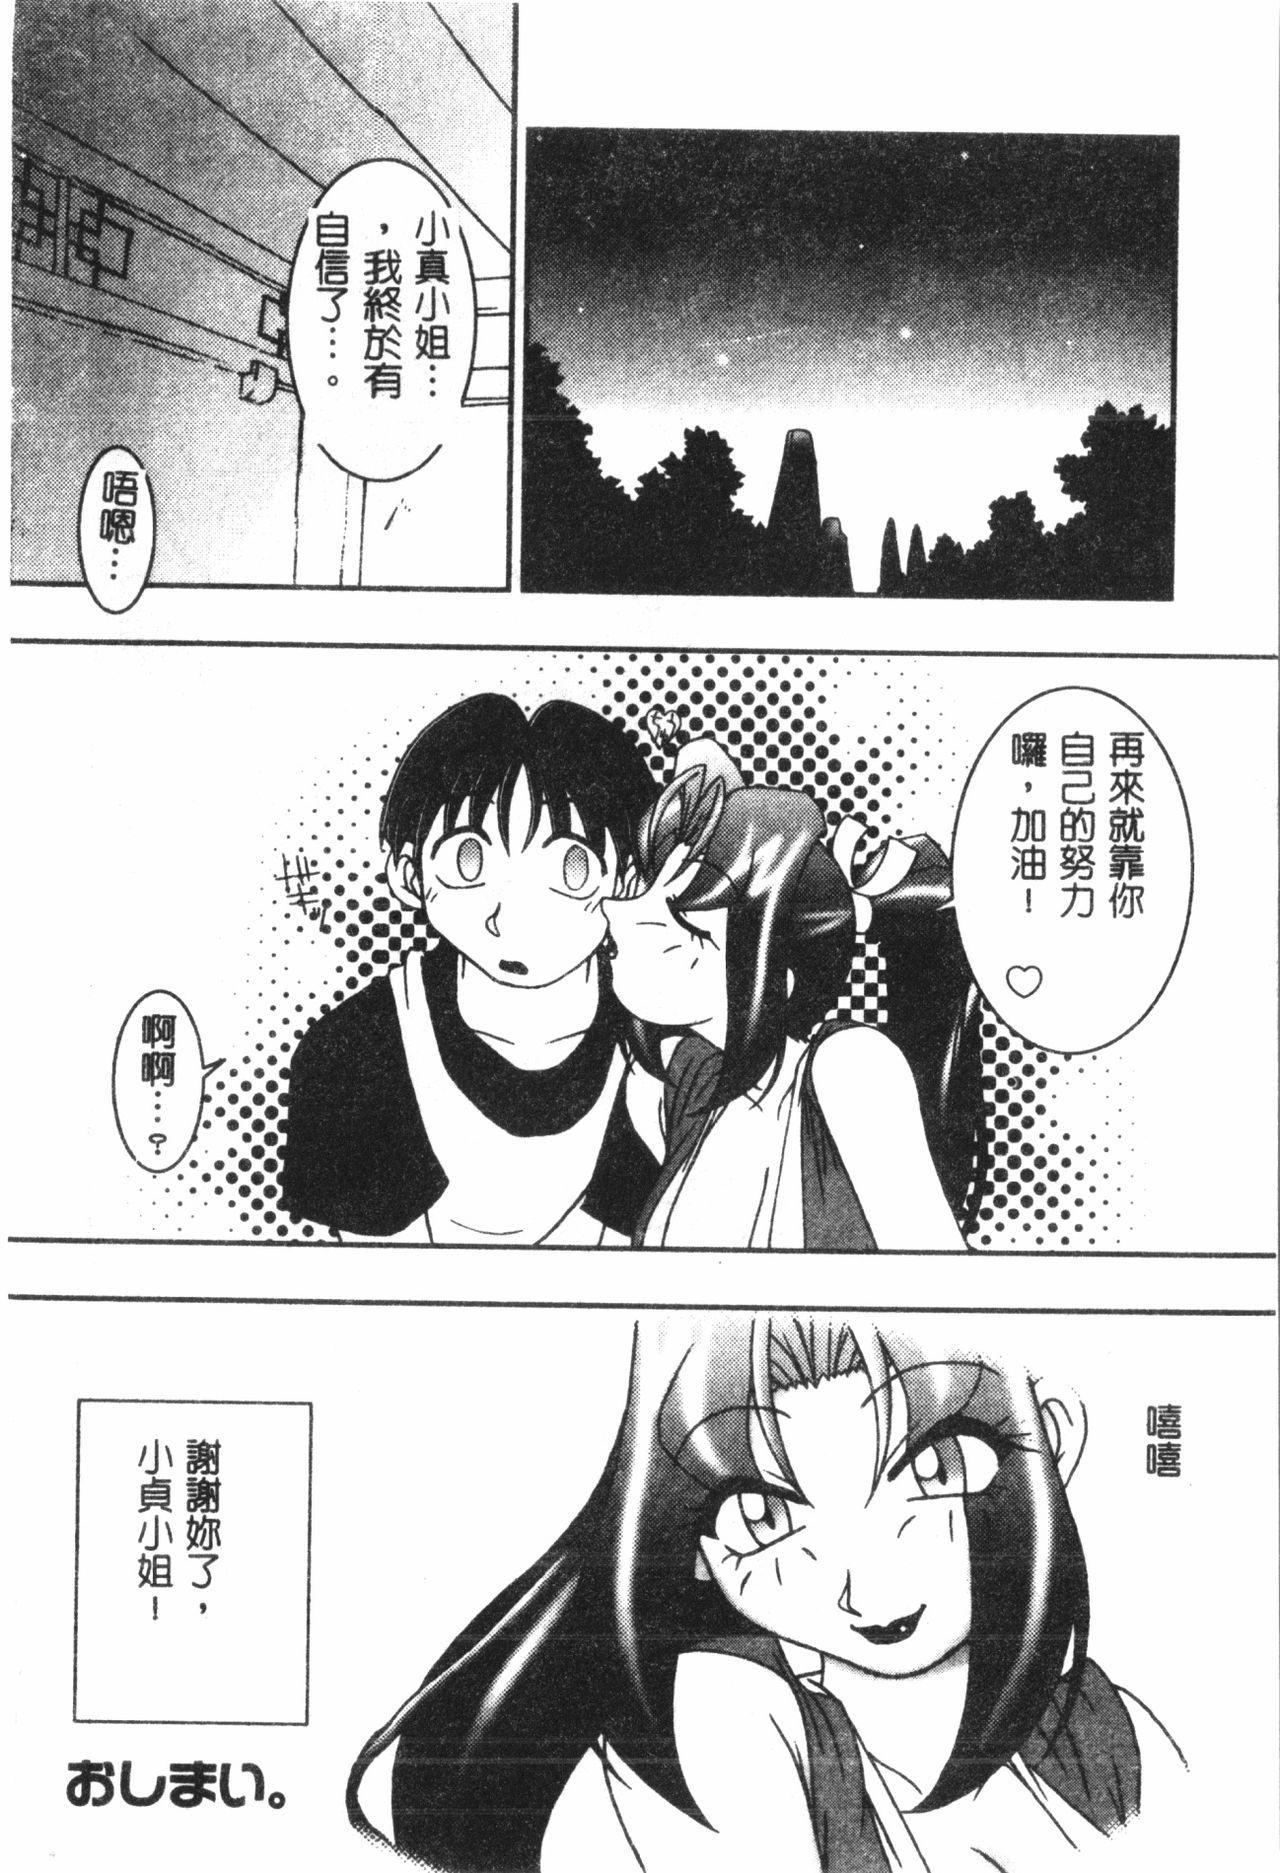 Naru Hina Plus 3 126